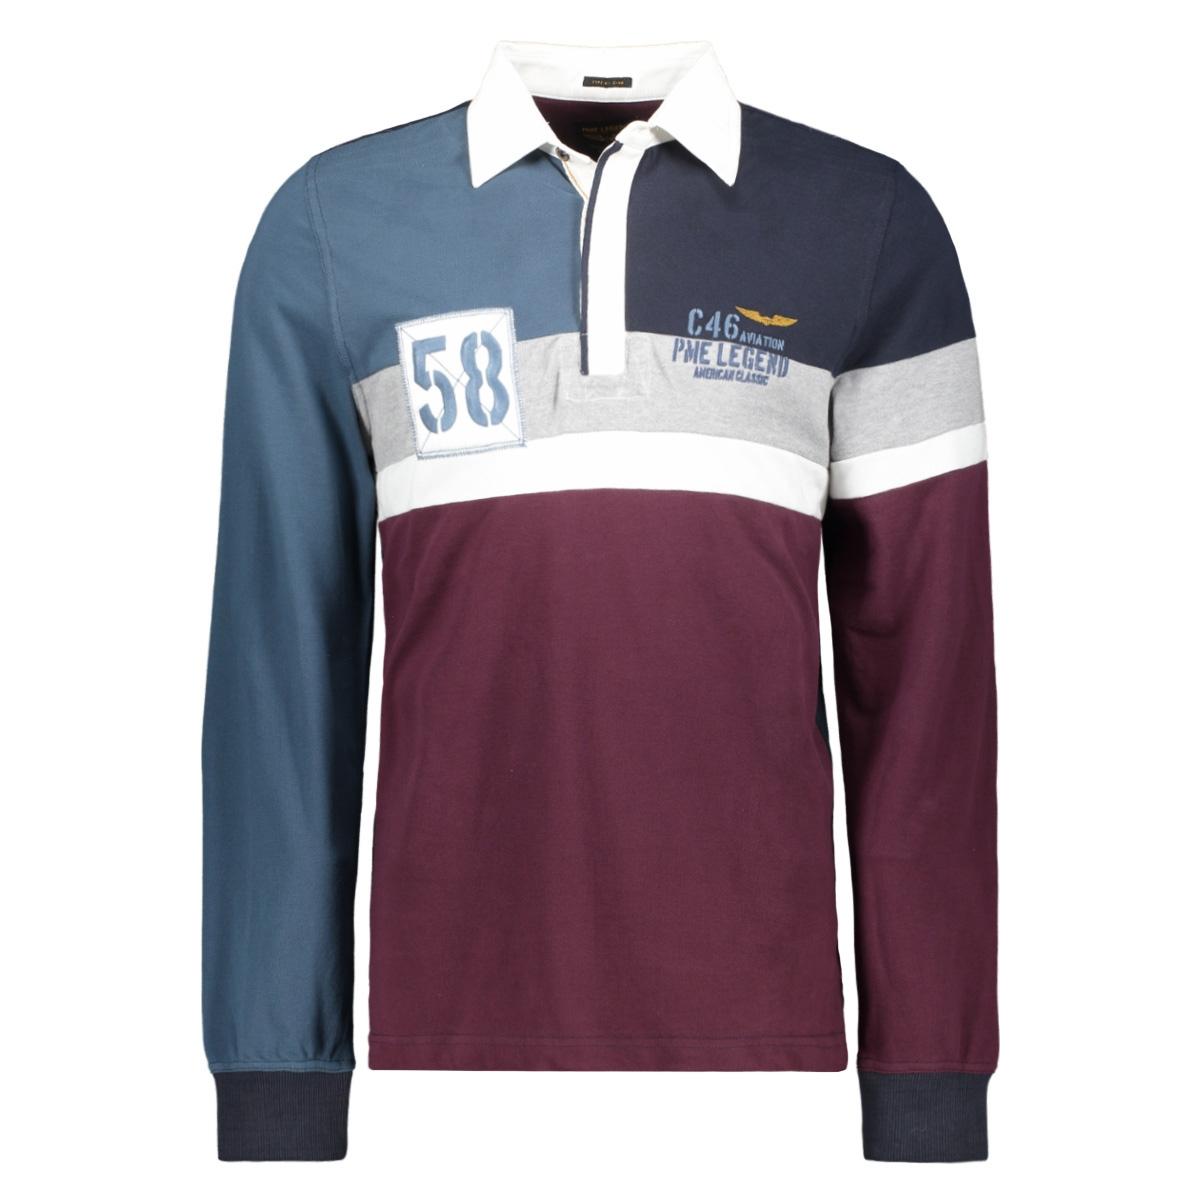 long sleeve polo pps196873 pme legend polo 5281